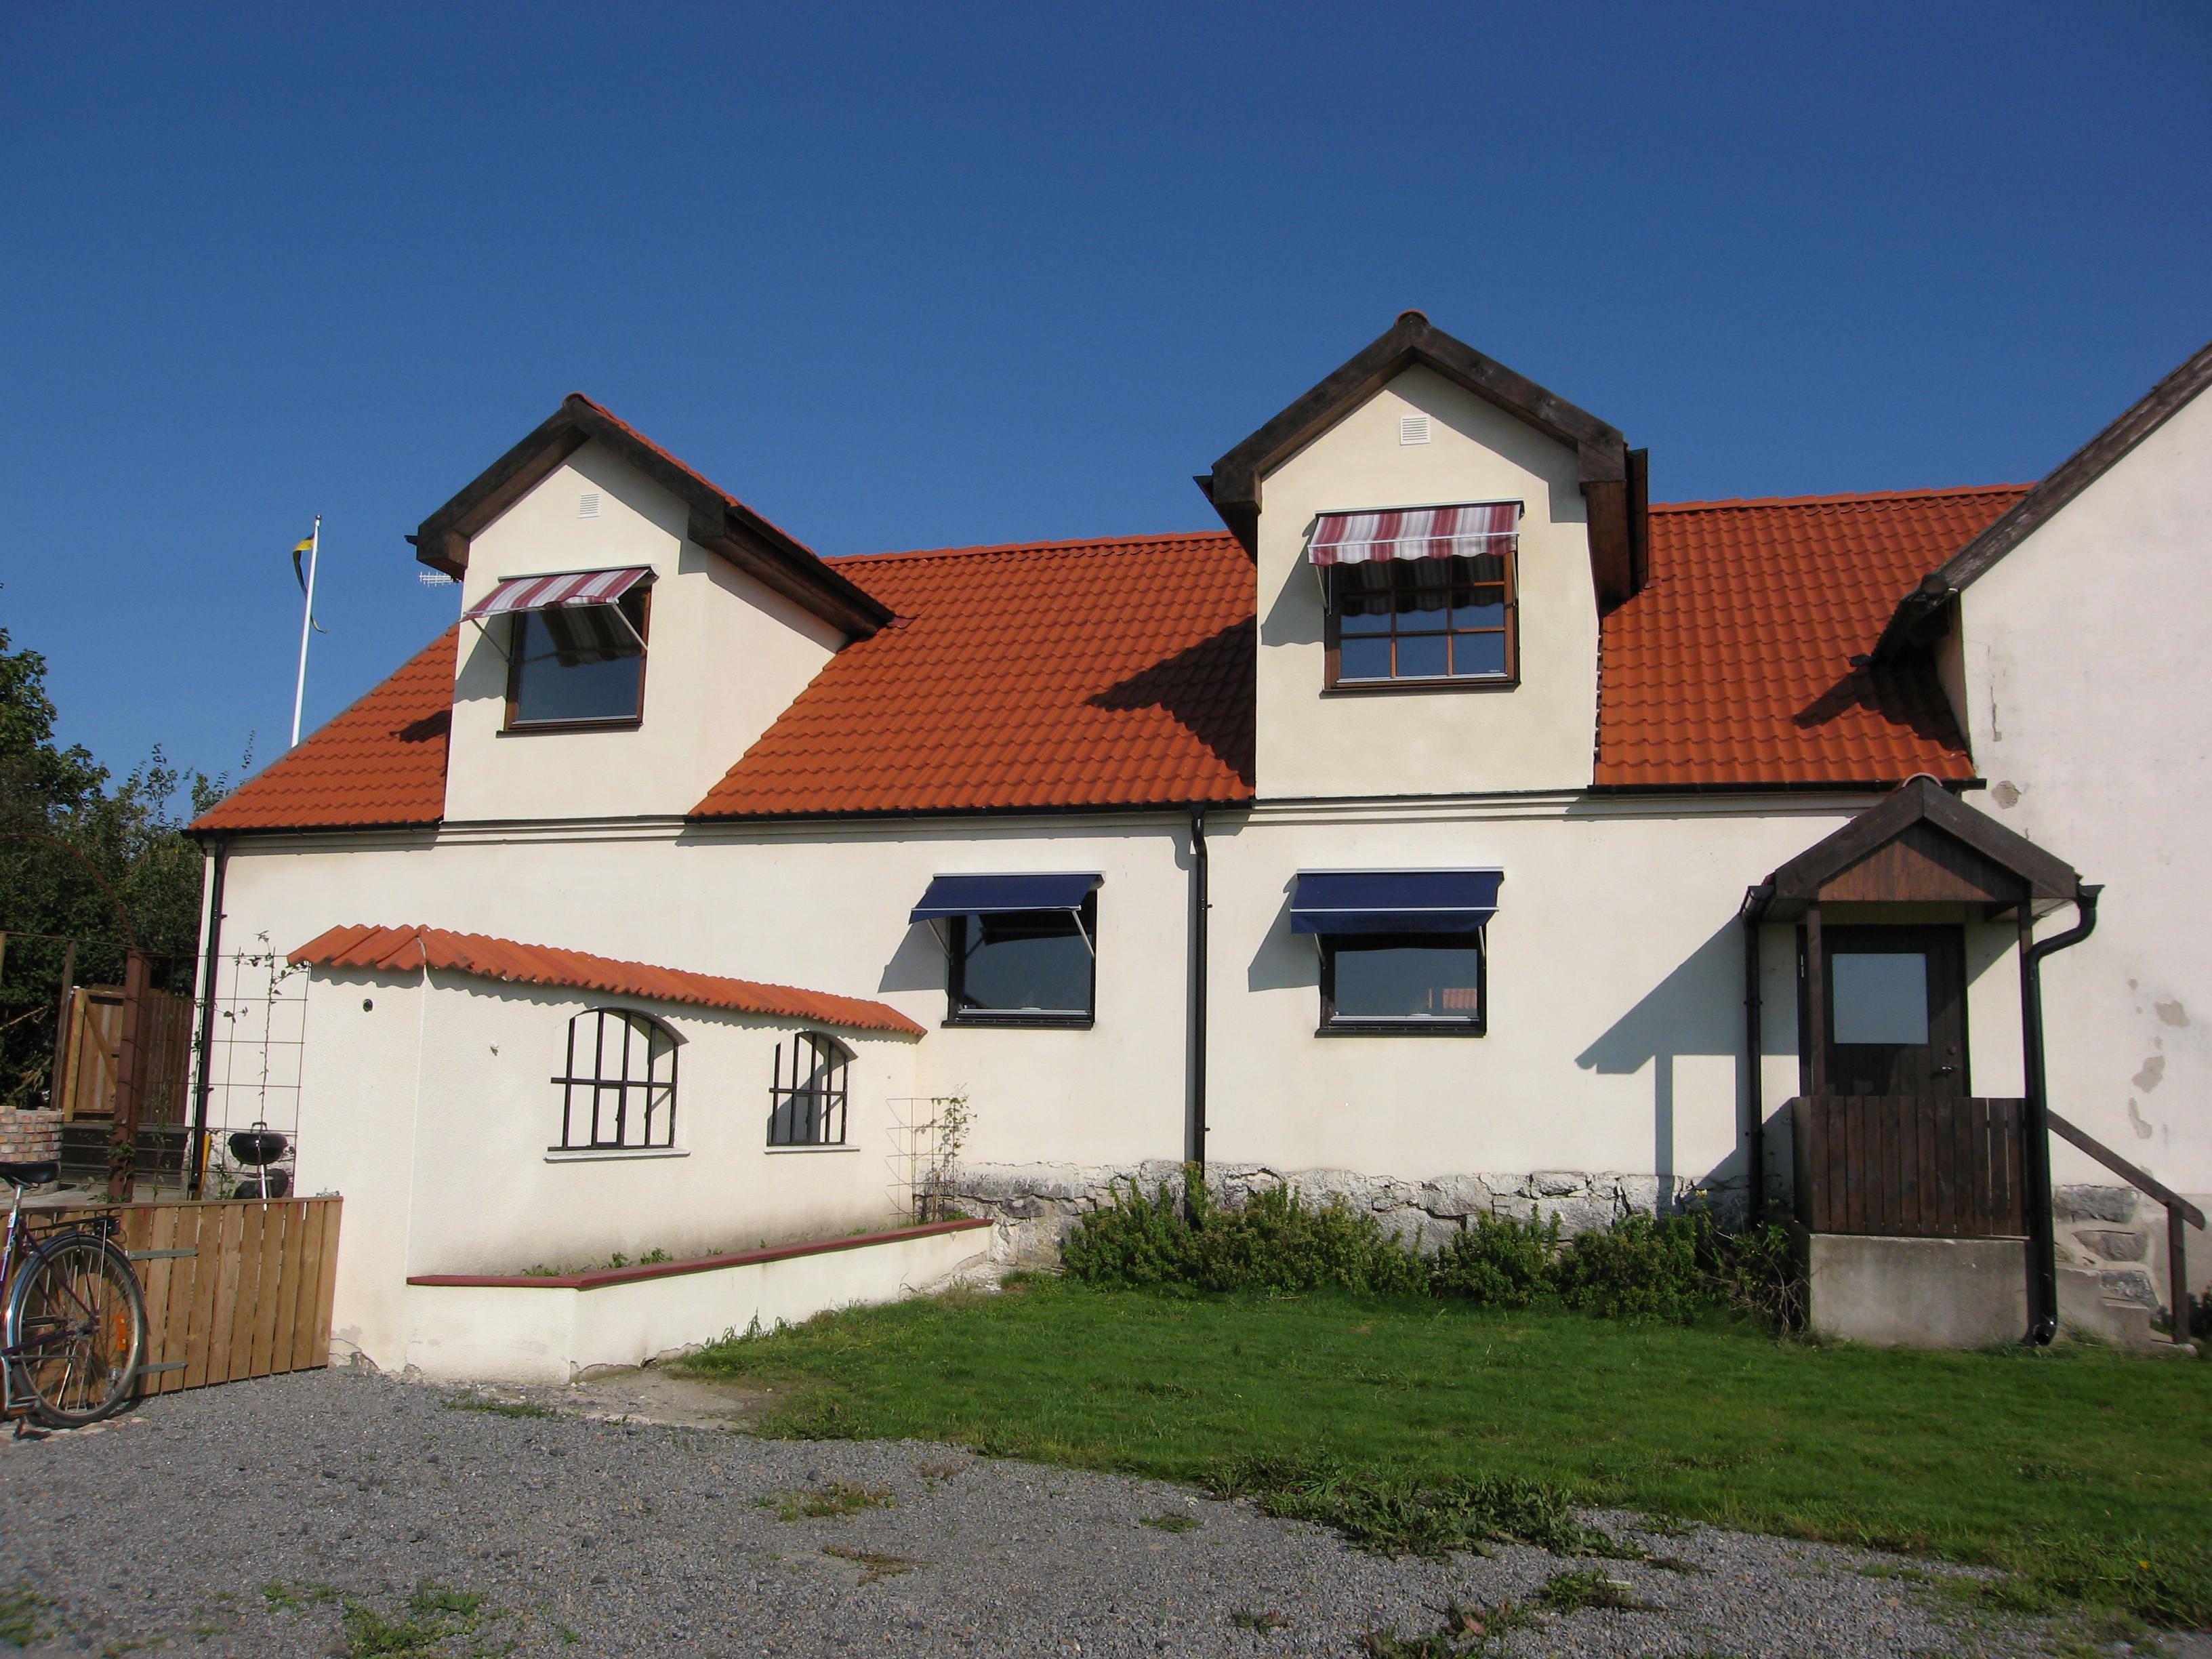 YD3031 Ingelstorp, Kåseberga